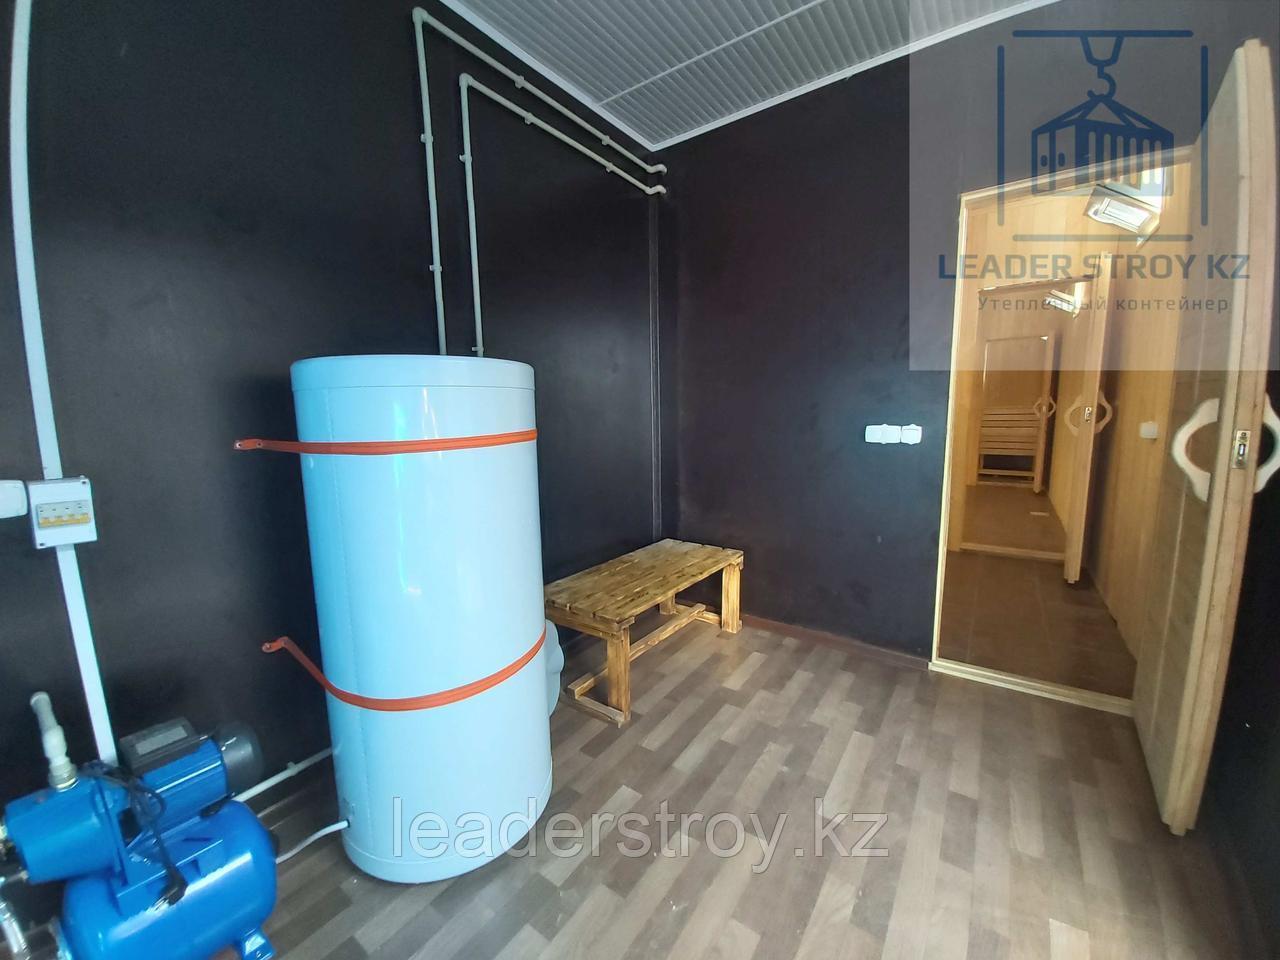 Жилой контейнер 40 футовый под Баню